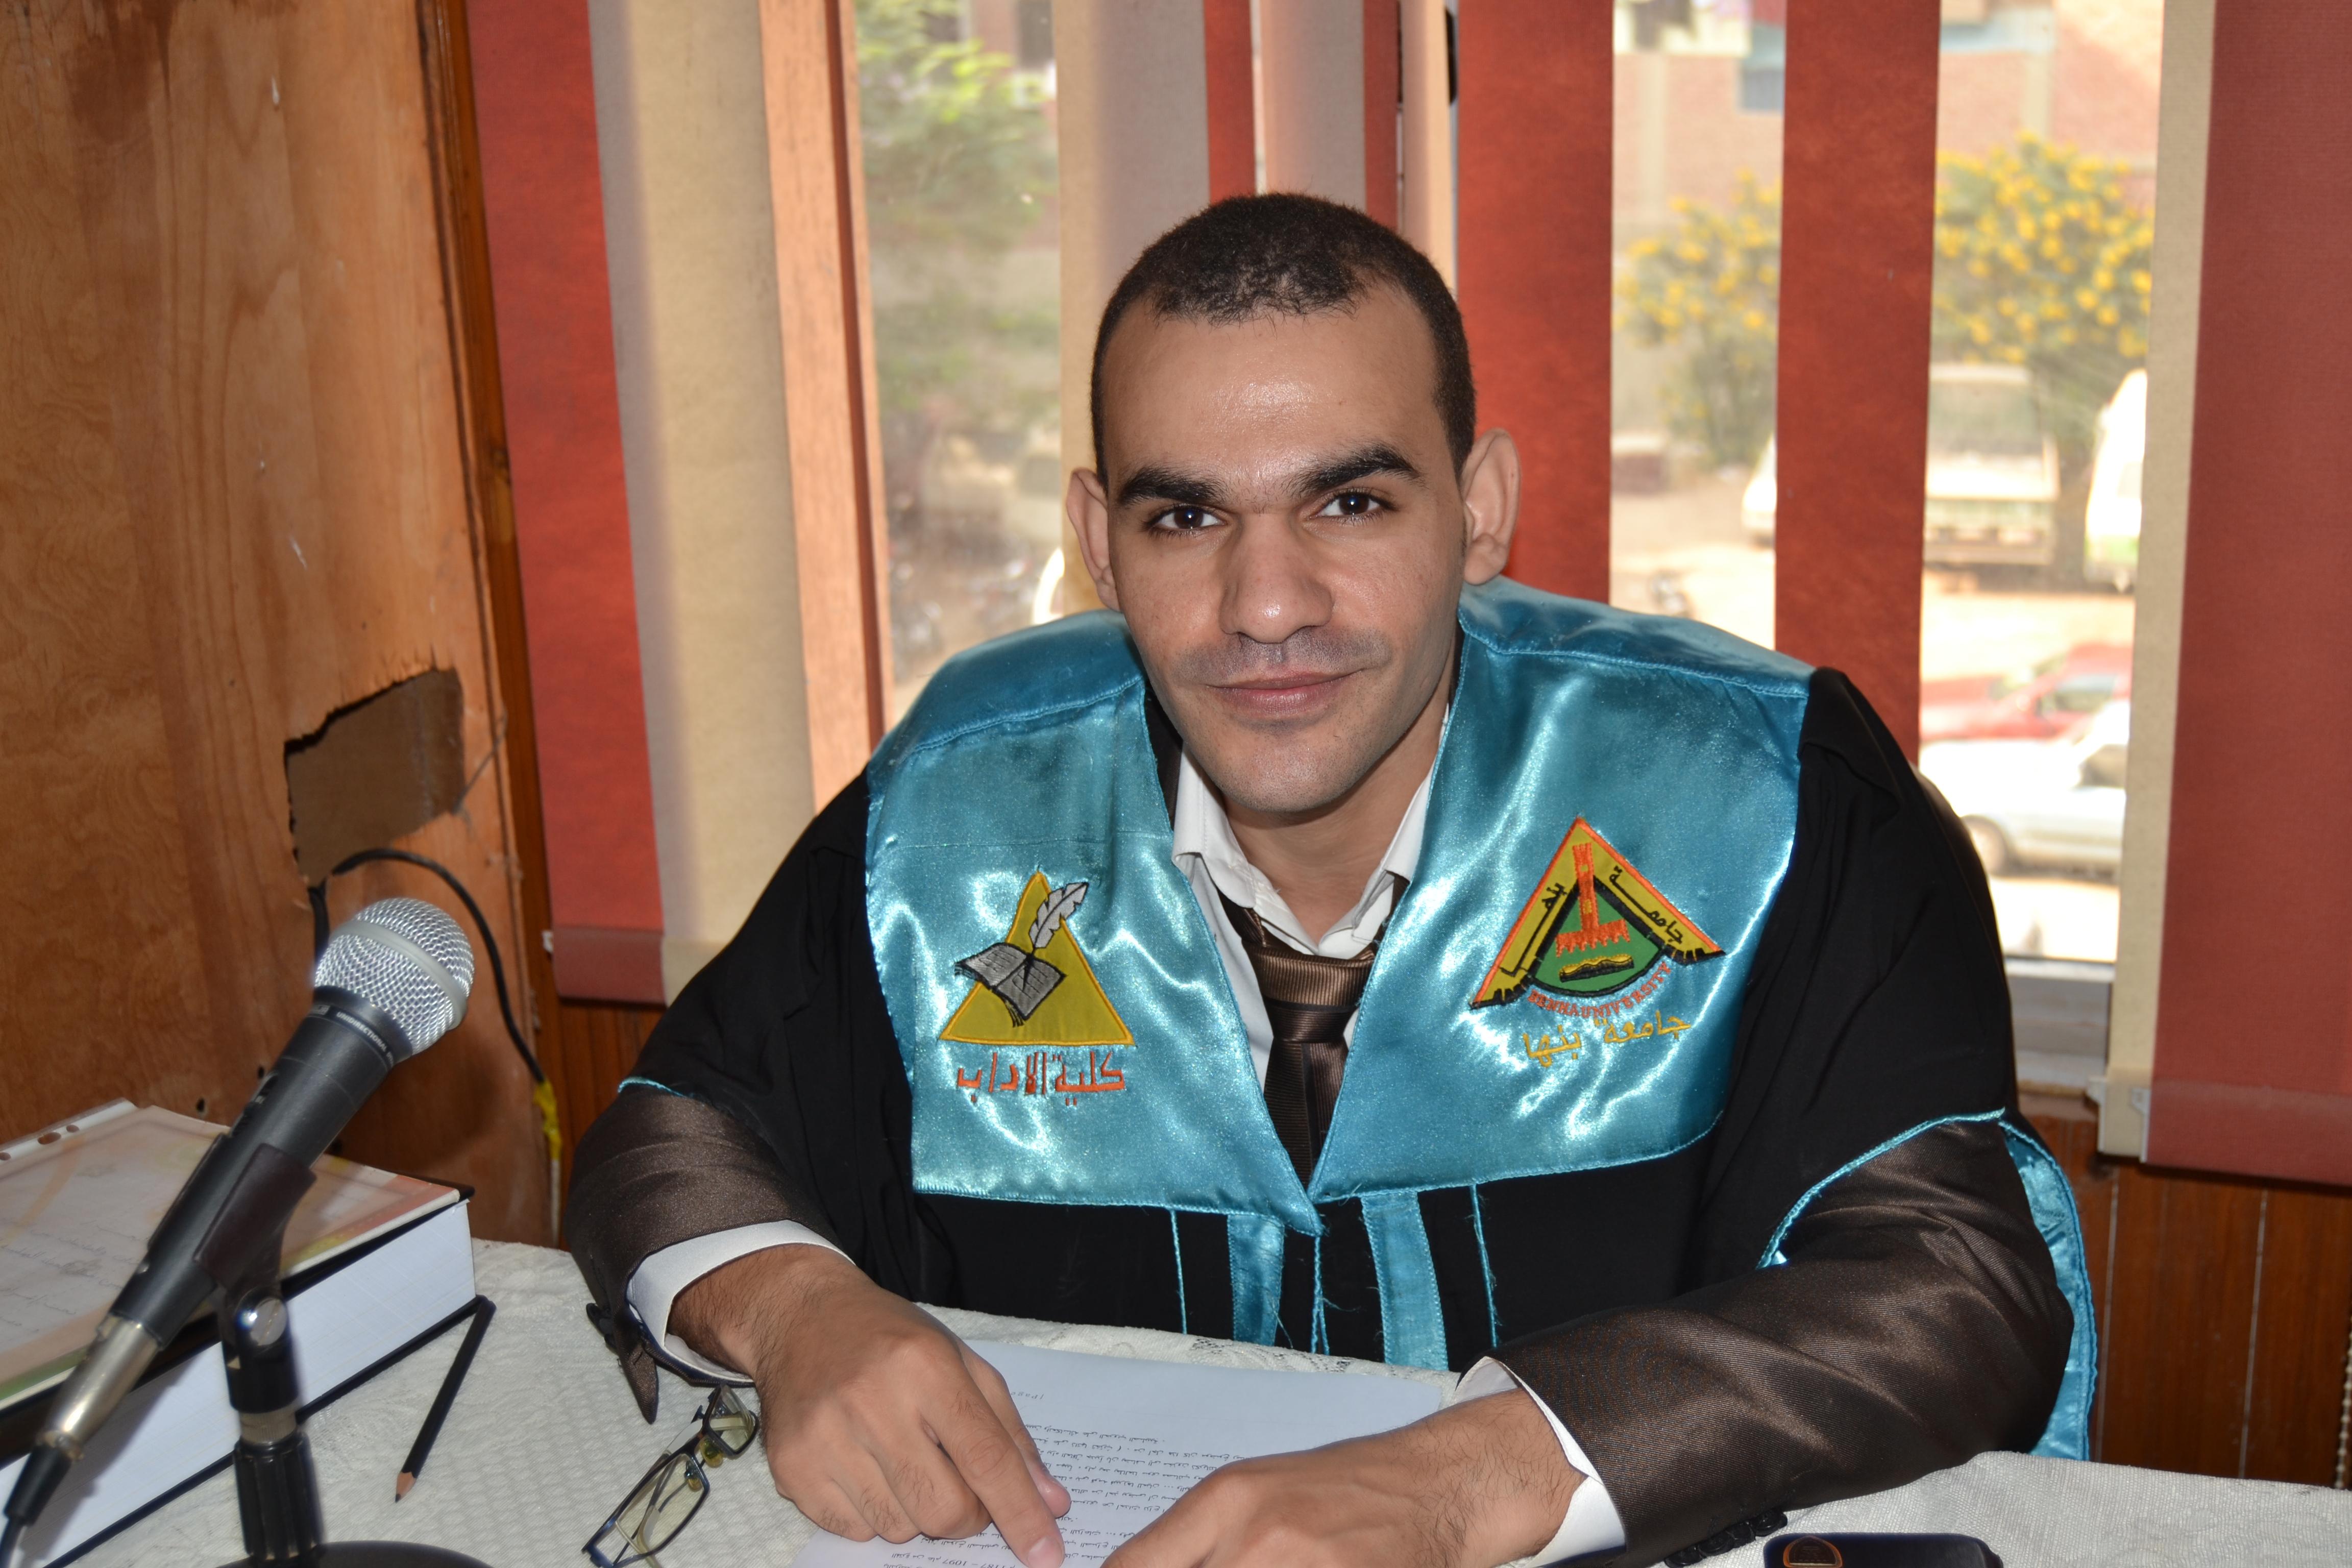 Mohamed Gamal Taha Bayoumi